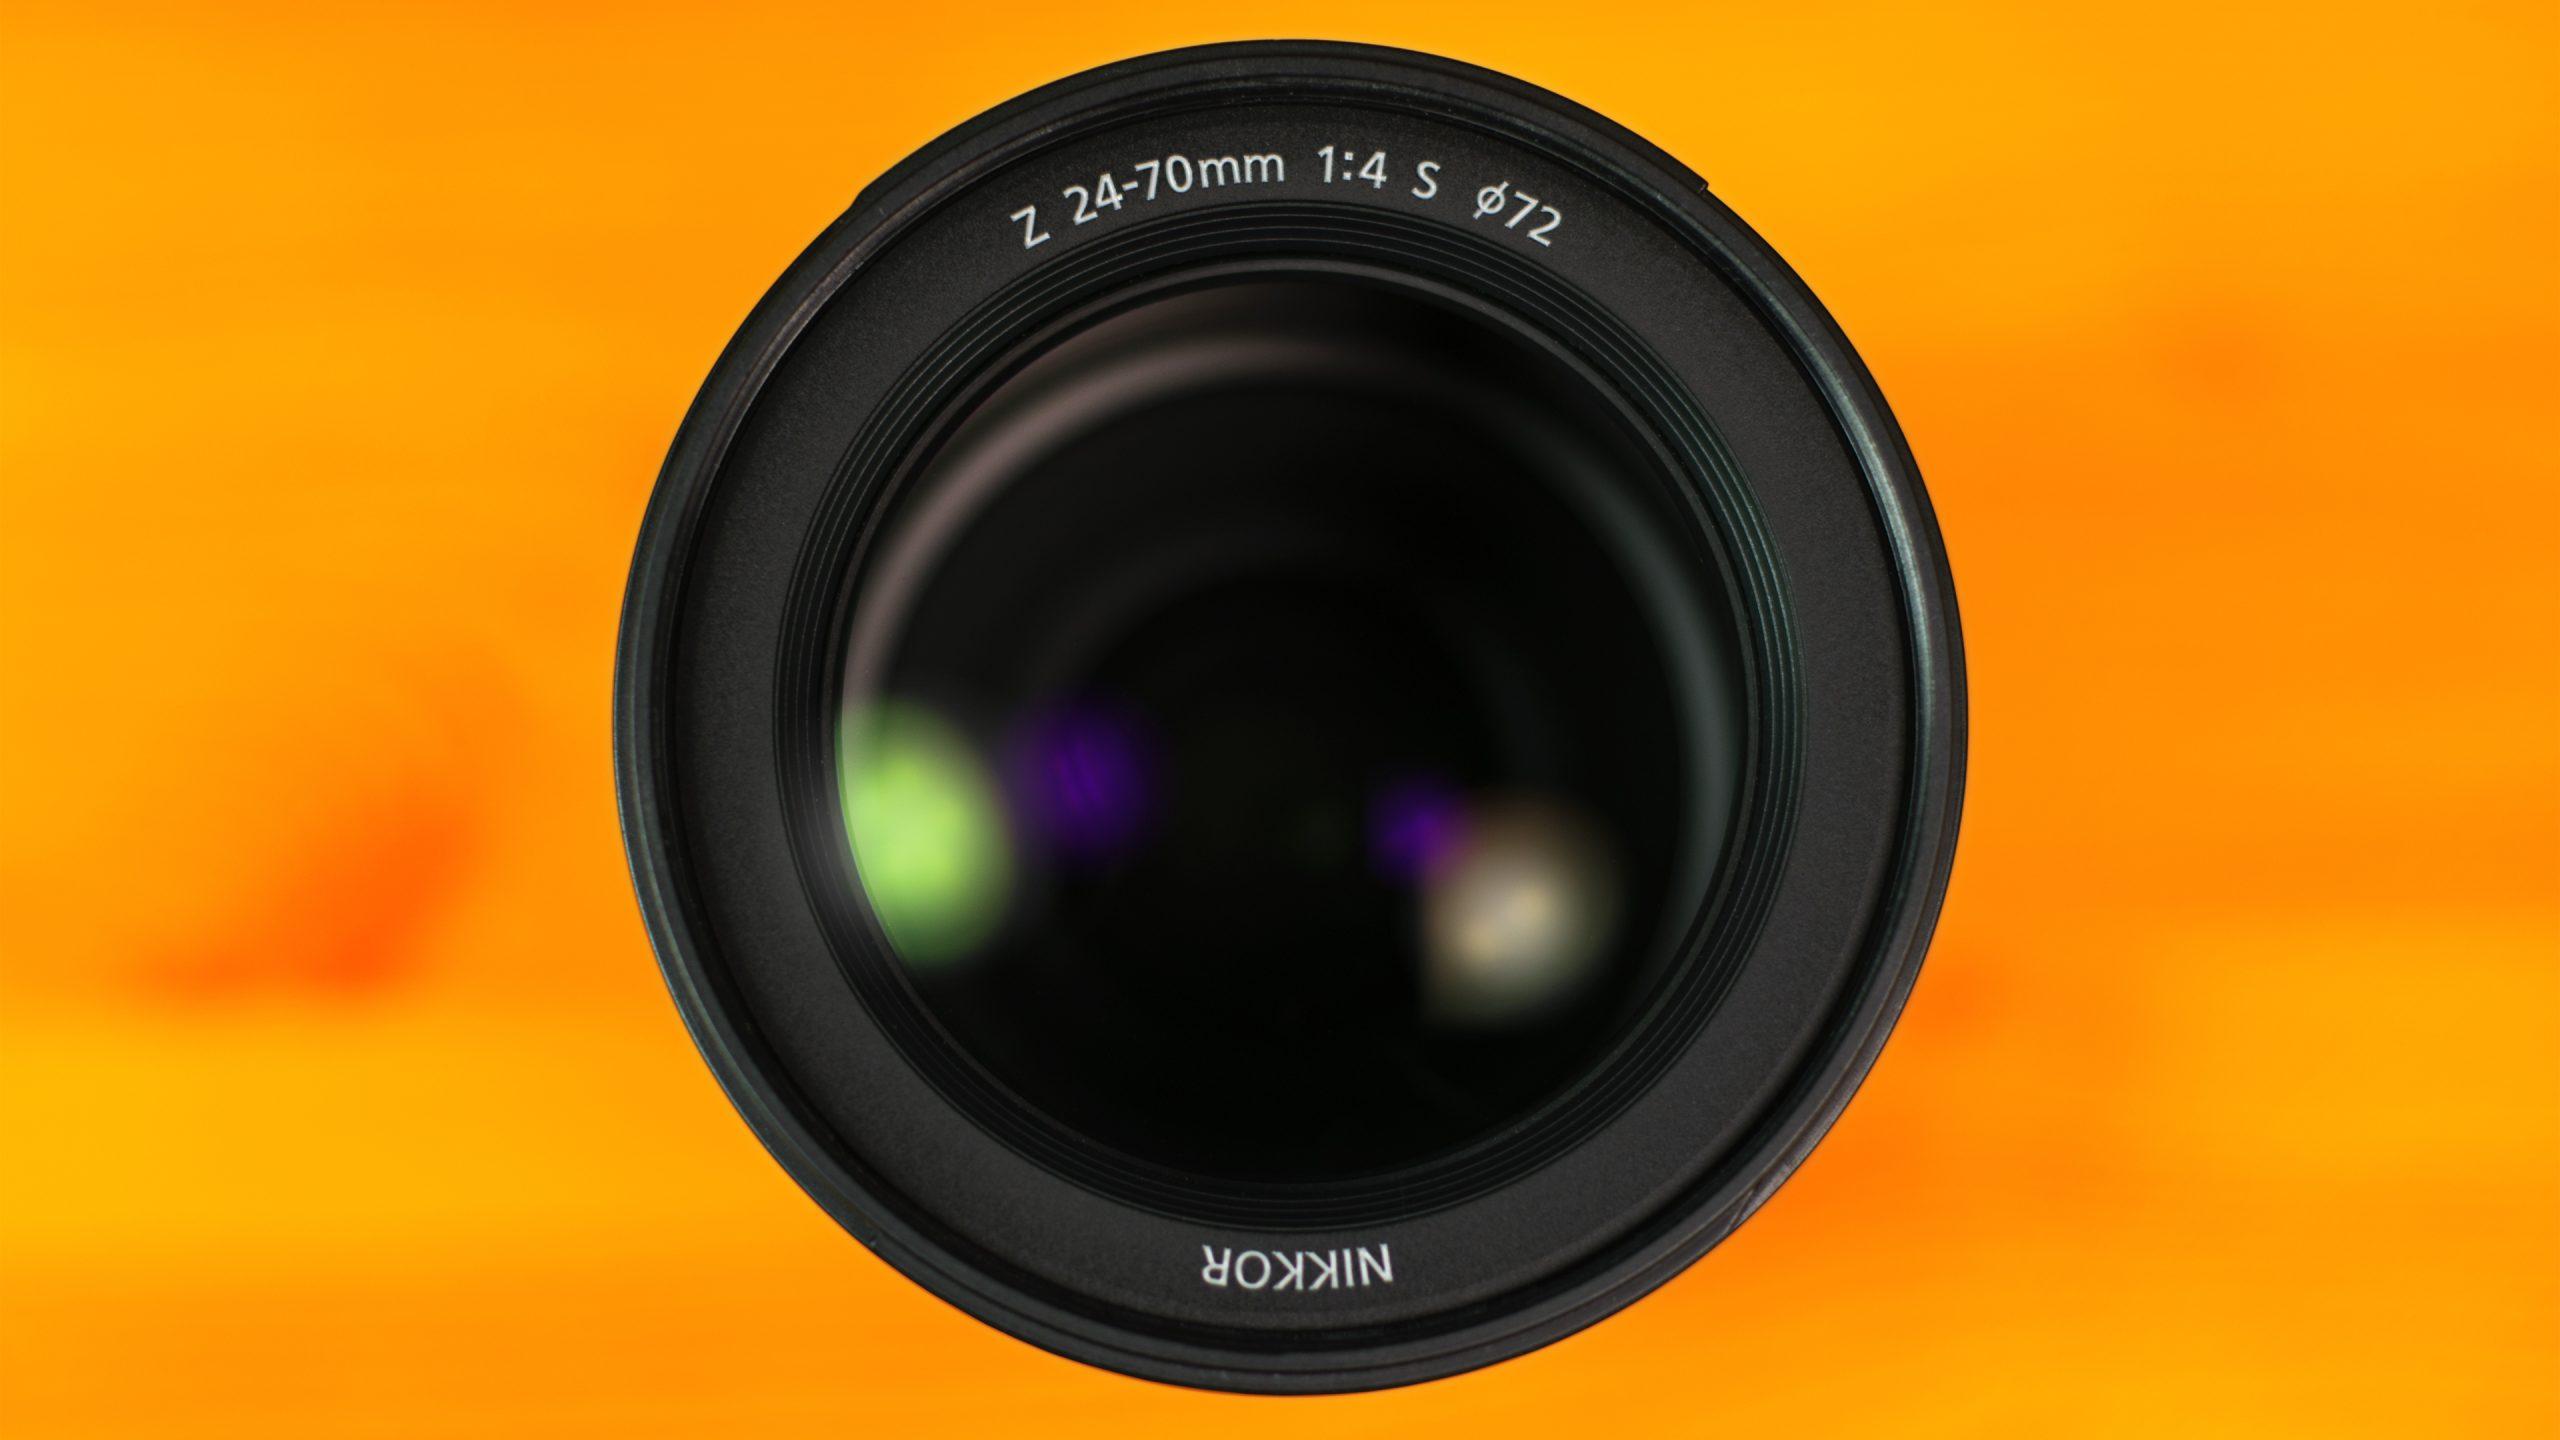 Vooraanzicht van de Nikkor 24-70 F4 S-lens, onderdeel van Nikons eigen lijn aan Z-objectieven.